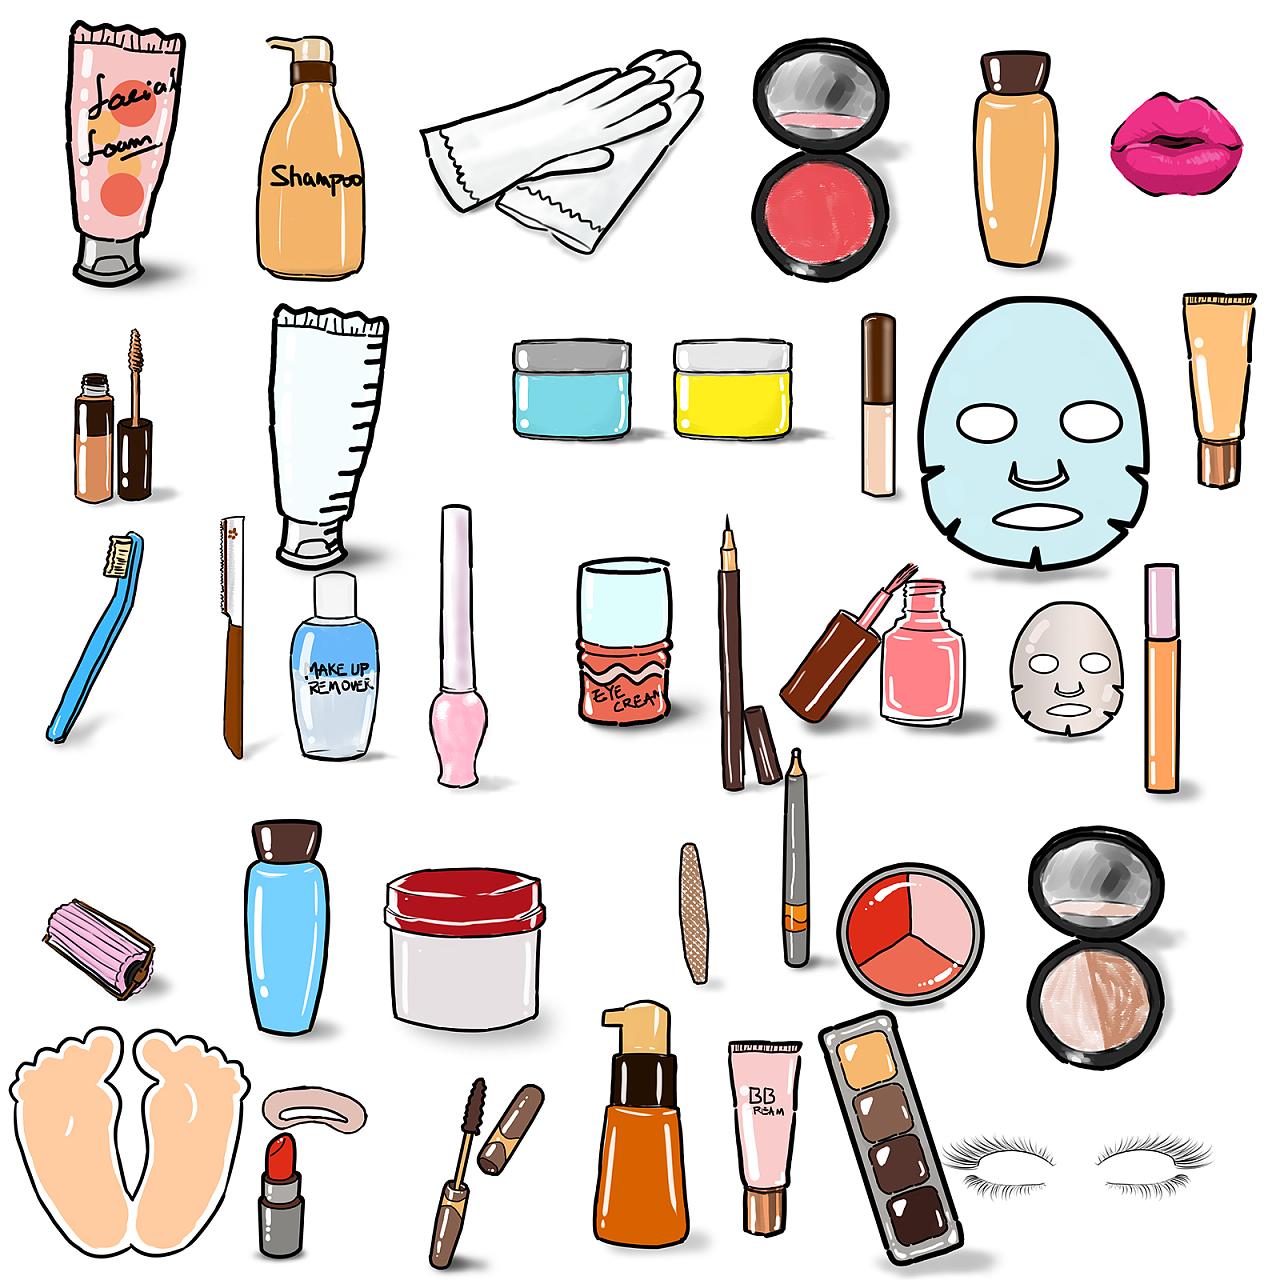 化妆品FDA认证资料